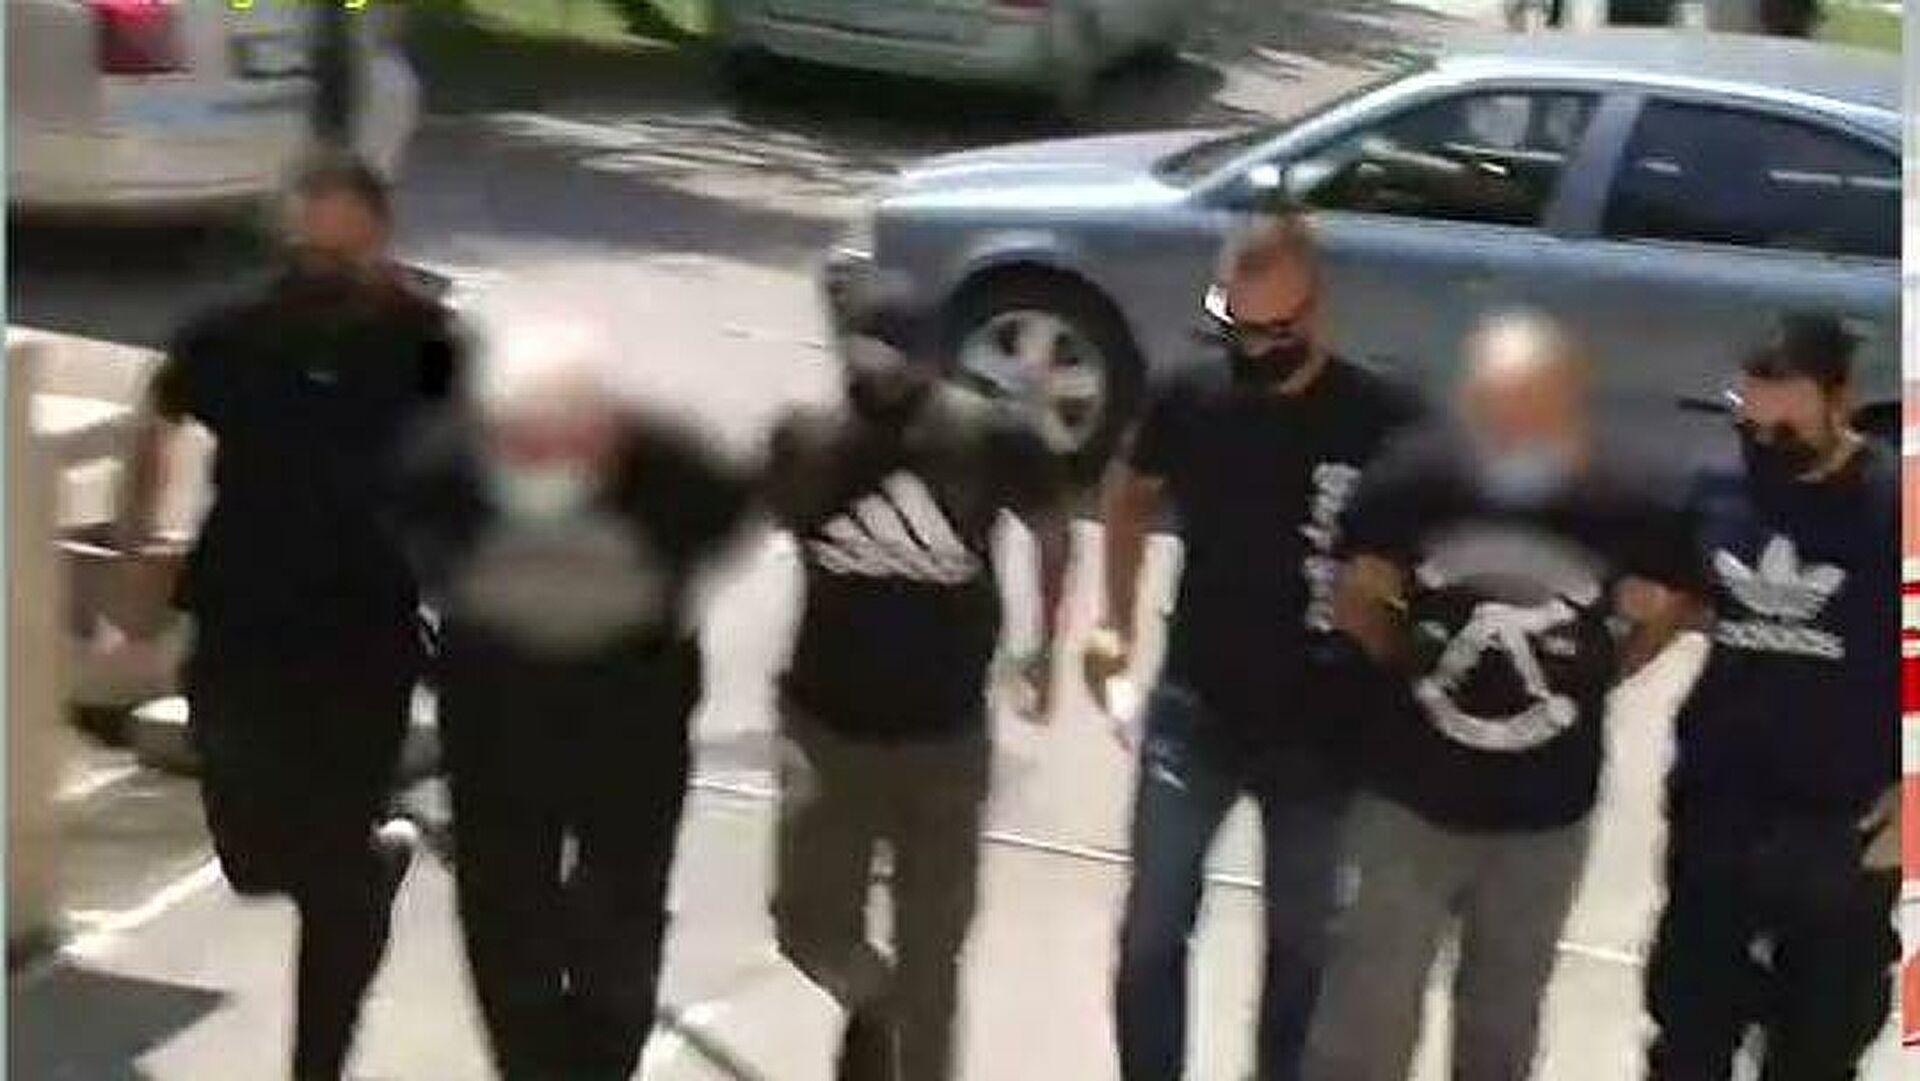 Φρίκη στην Ηλιούπολη: Στον εισαγγελέα ο πατέρας και ο αστυνομικός που κακοποιούσαν και εξέδιδαν τη 19χρονη